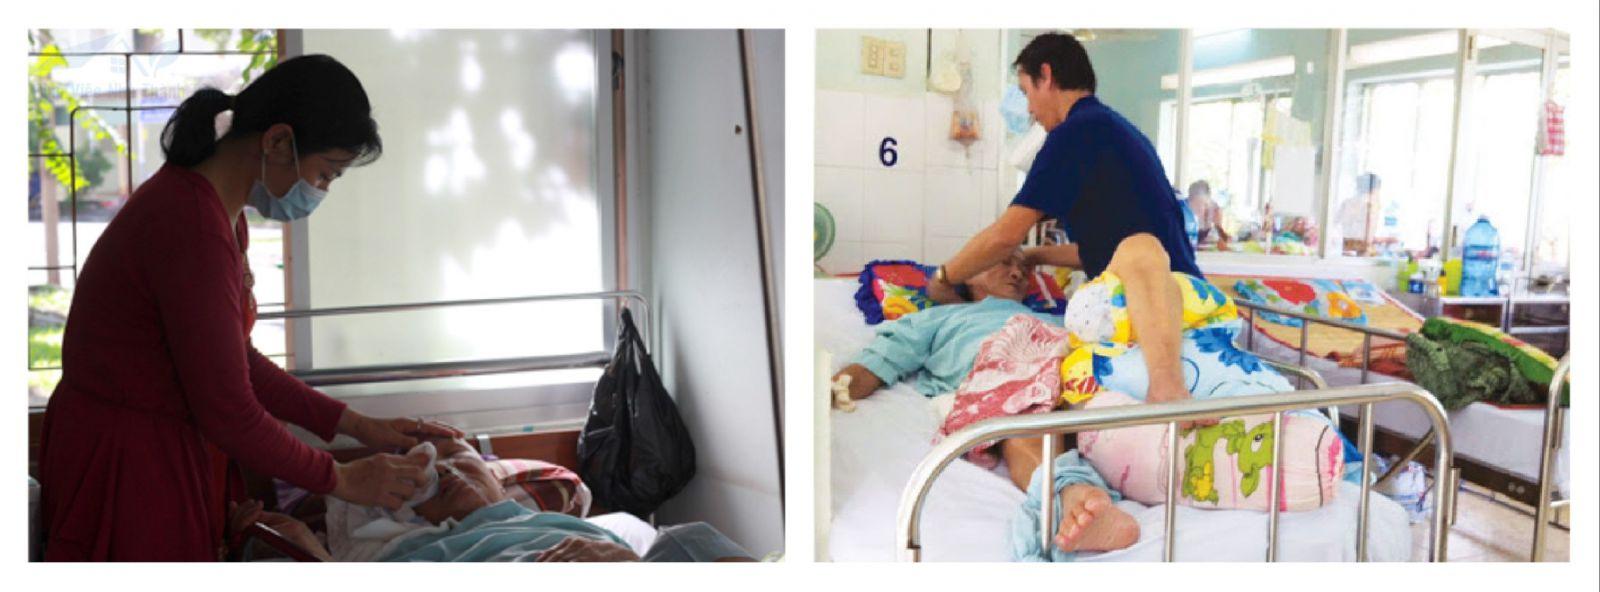 Giúp việc nuôi người bệnh tại quận 4